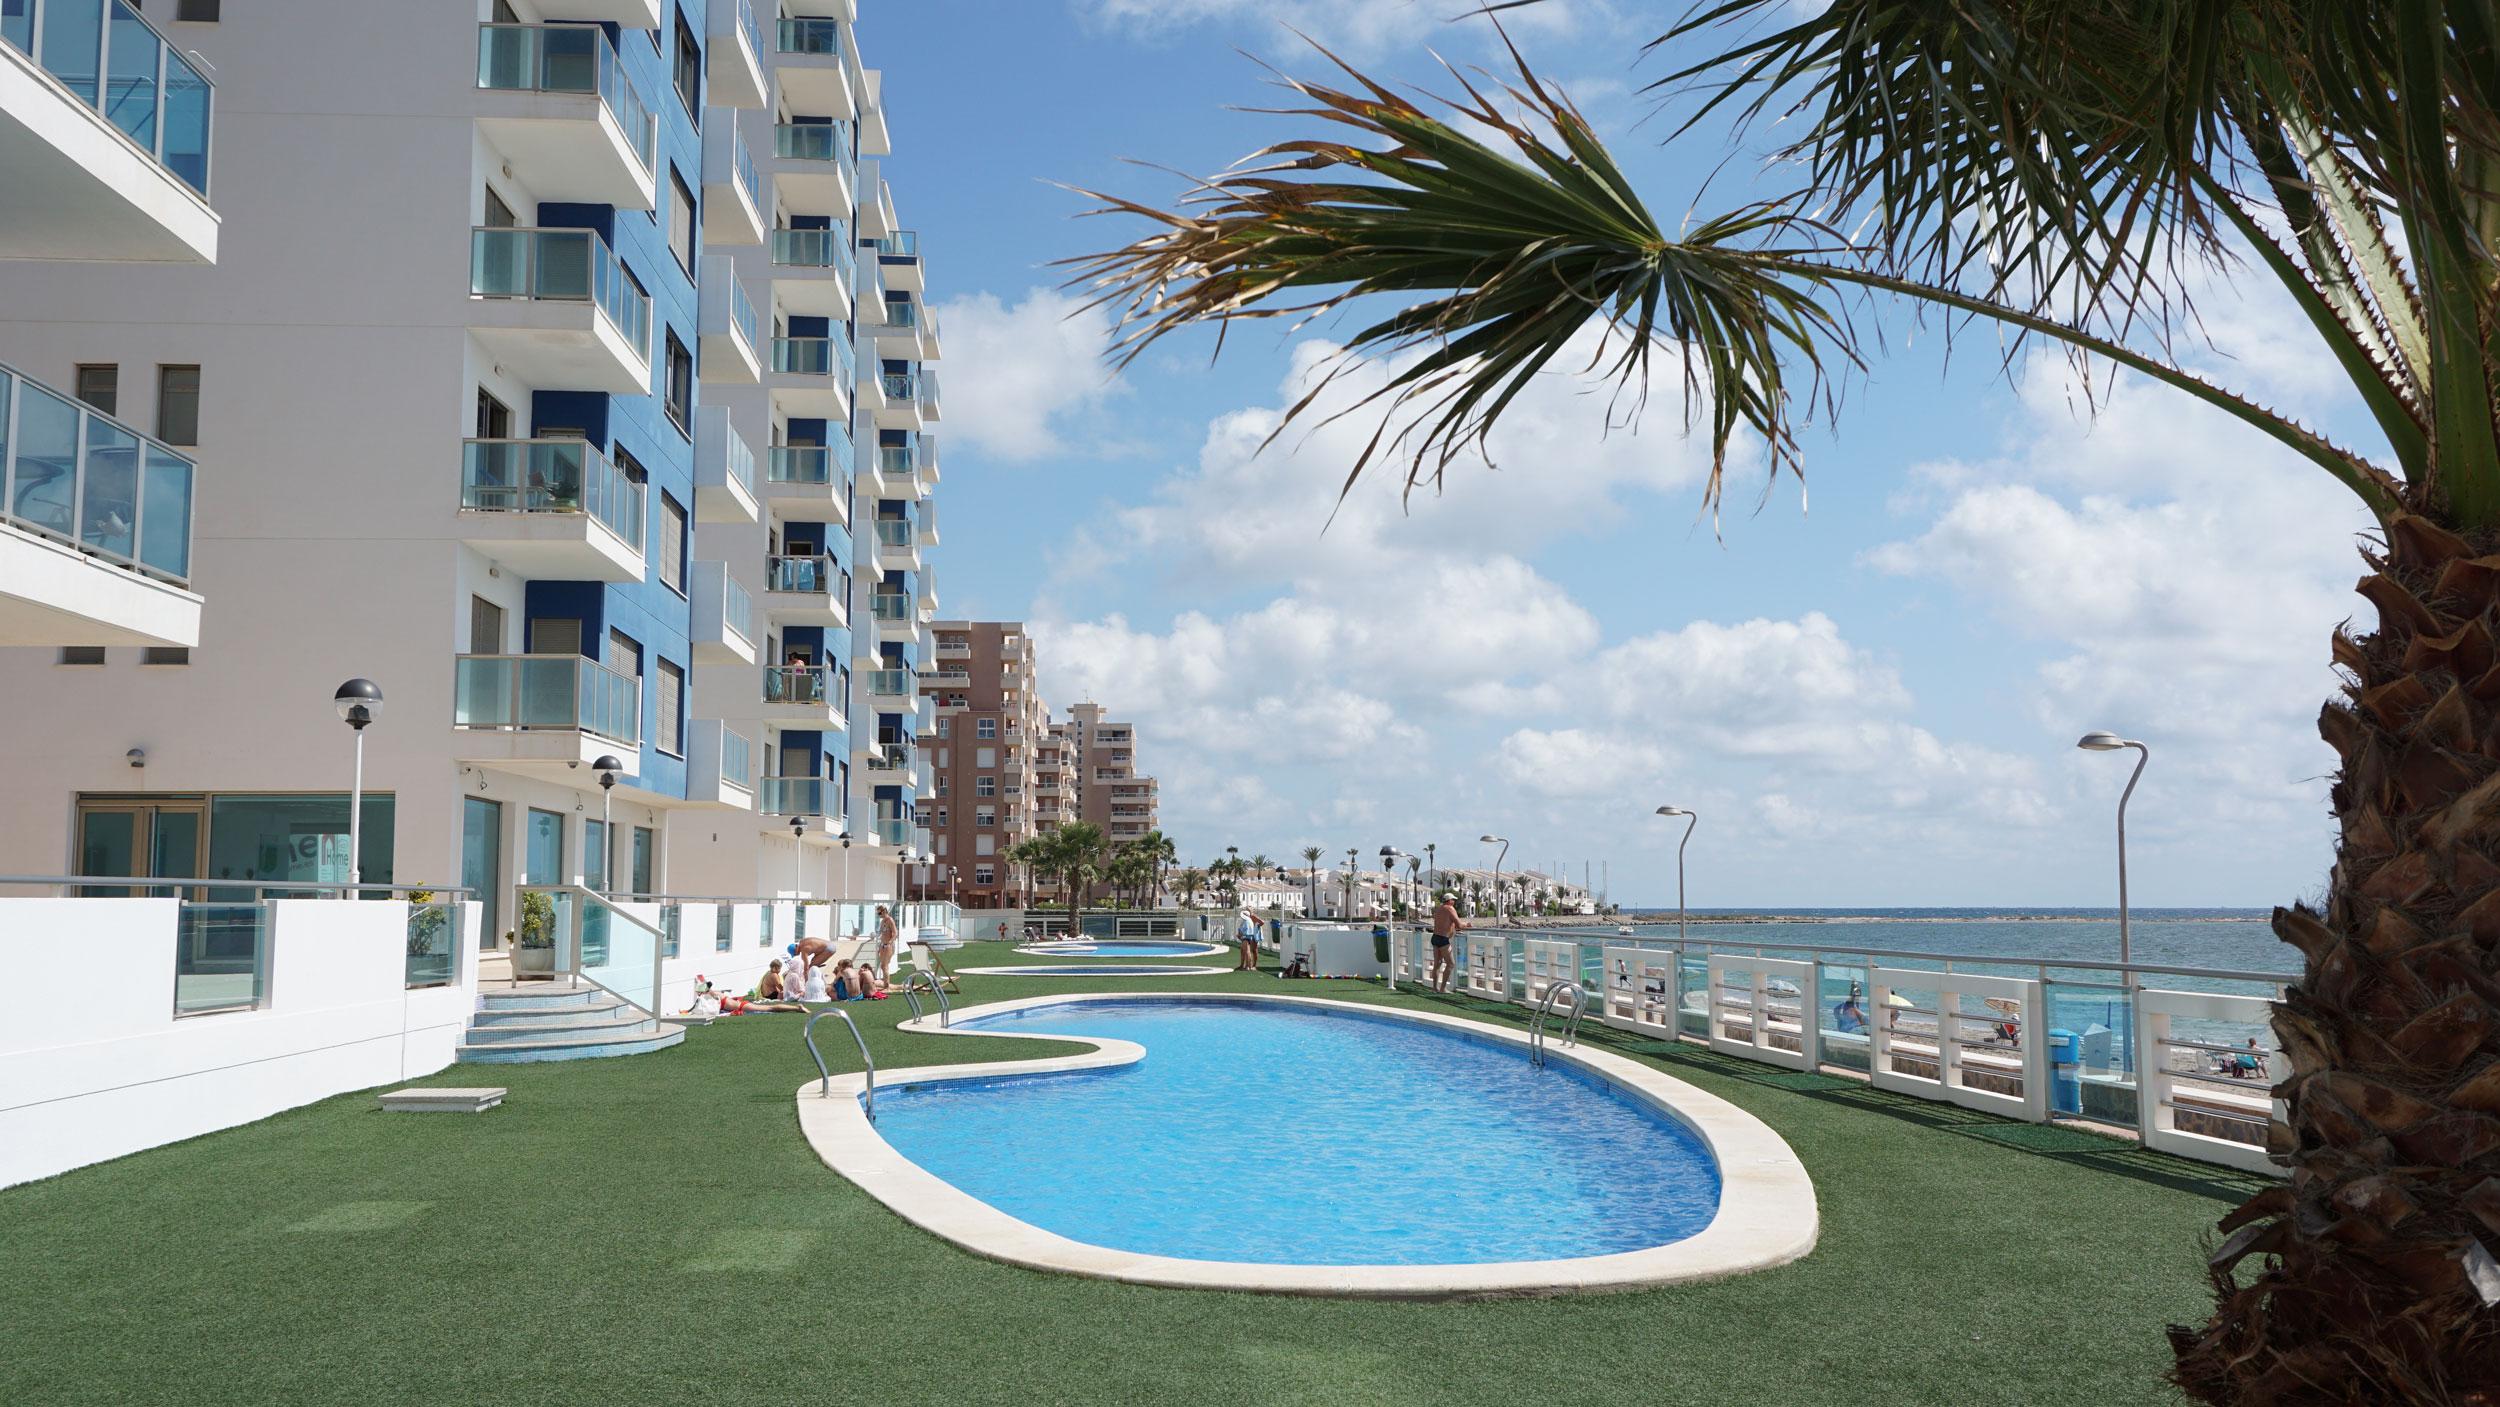 Nieuwbouw Appartement Te koop in La Manga Del Mar Menor in Spanje, gelegen aan de Costa Cálida